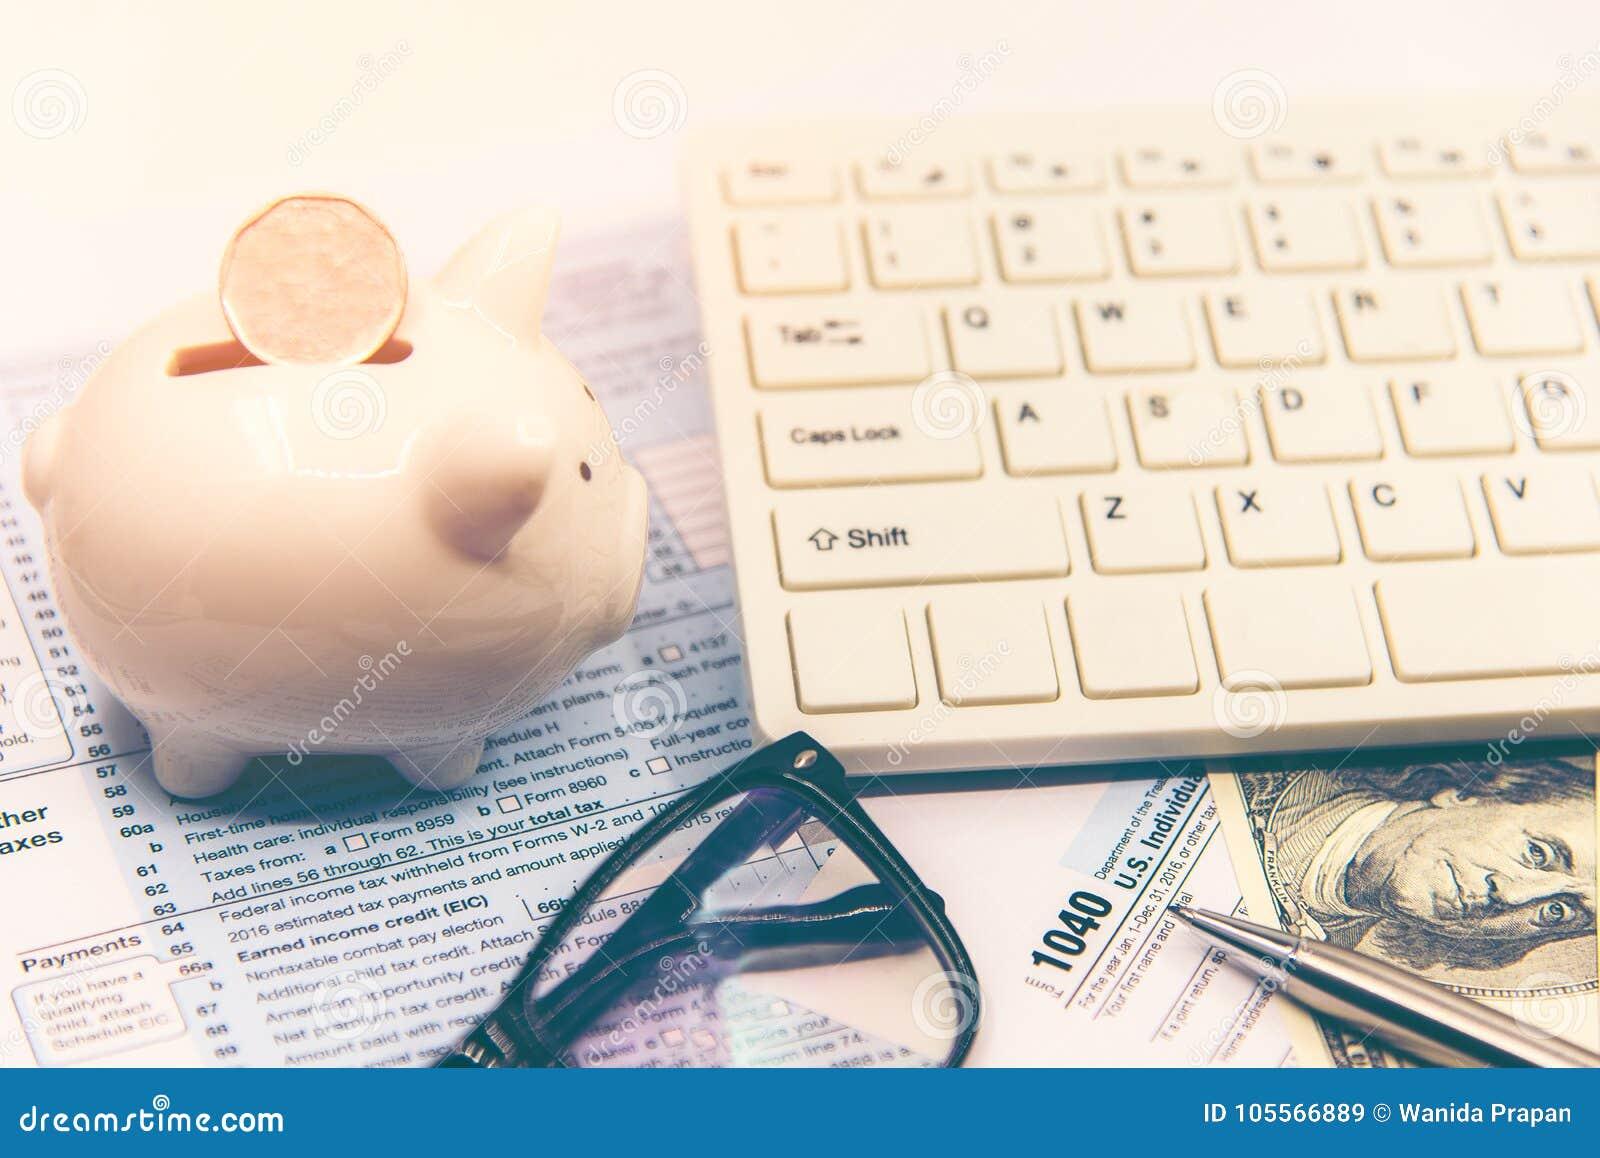 Stock options dichiarazione redditi